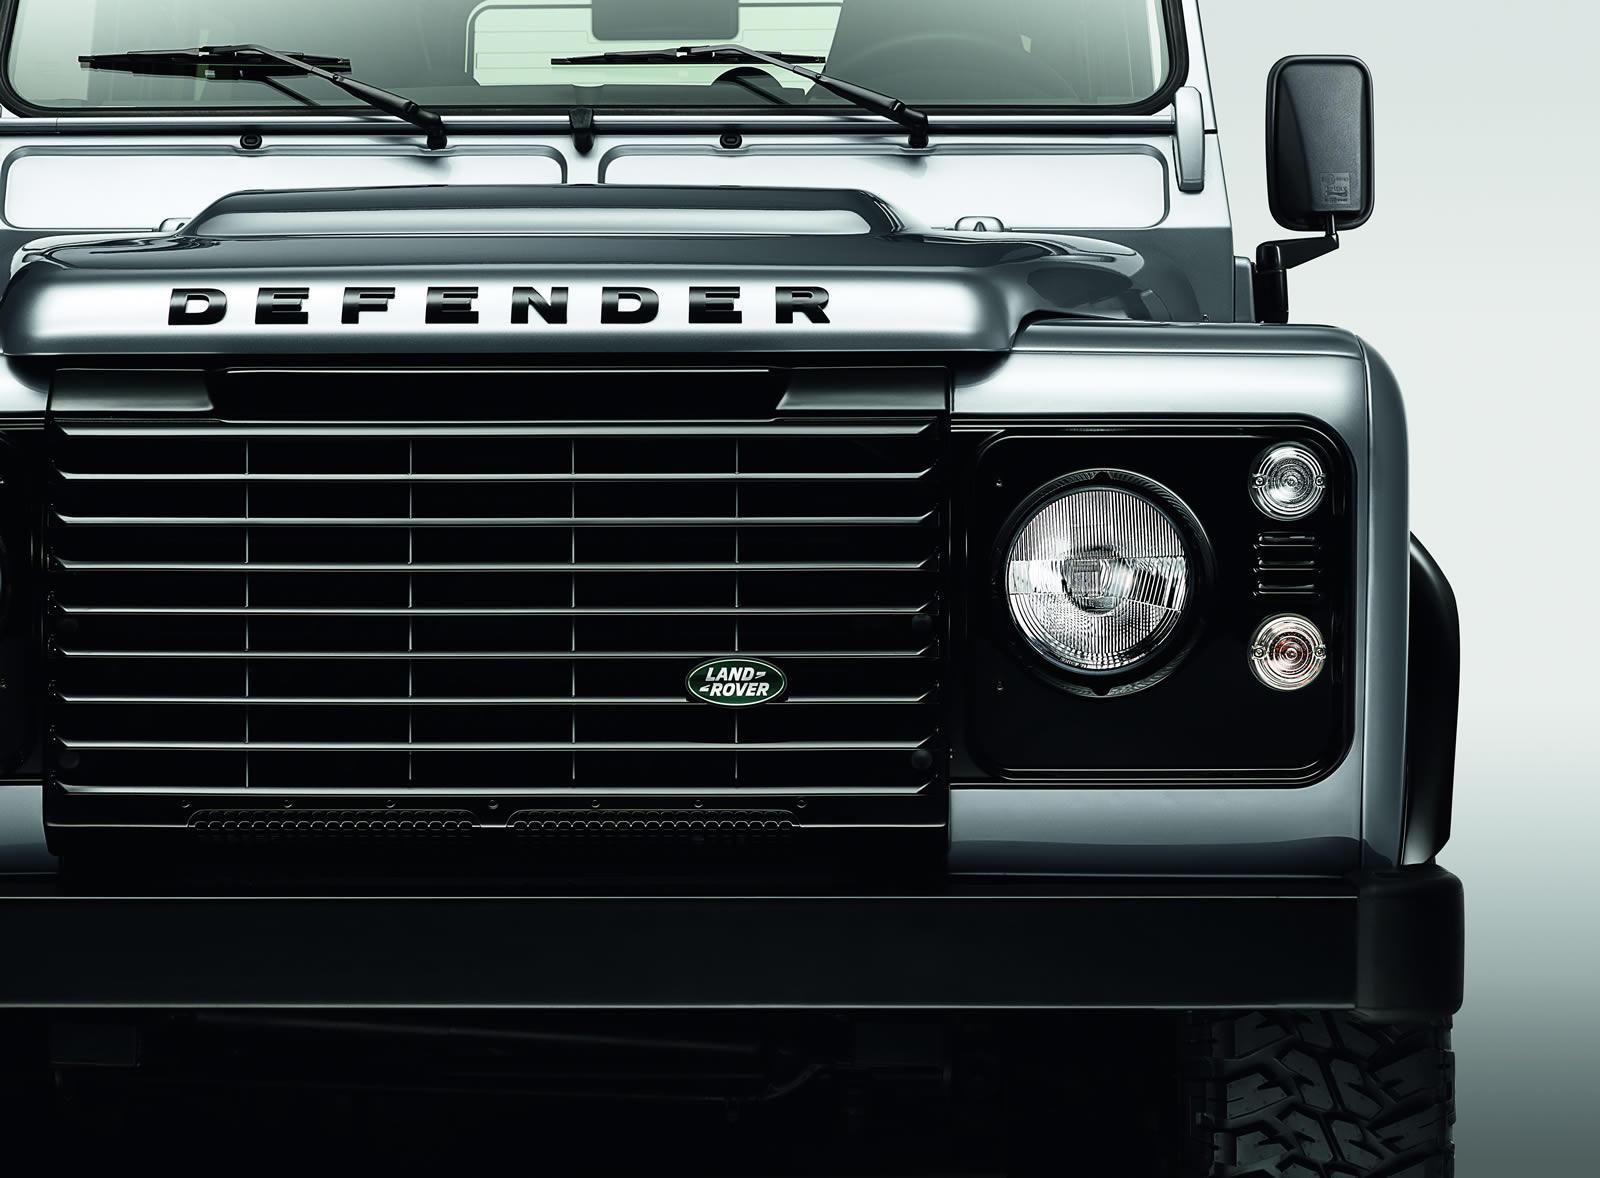 Land Rover Defender Black Pack front facia